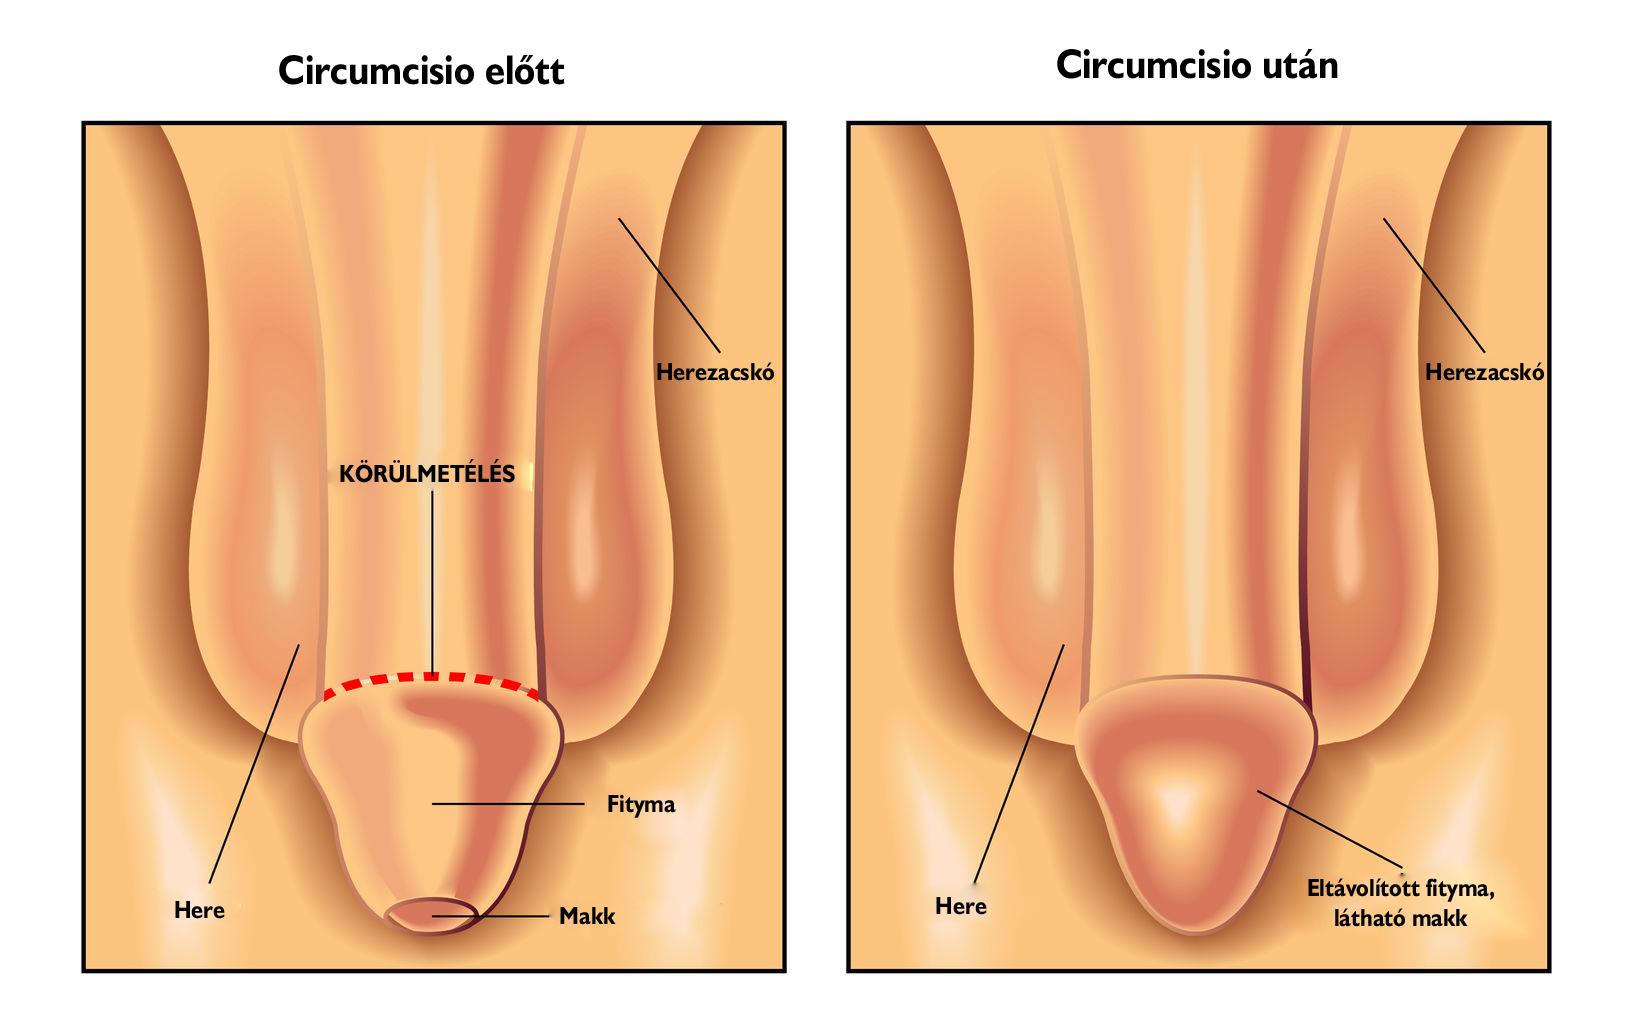 pénisz a műtét után